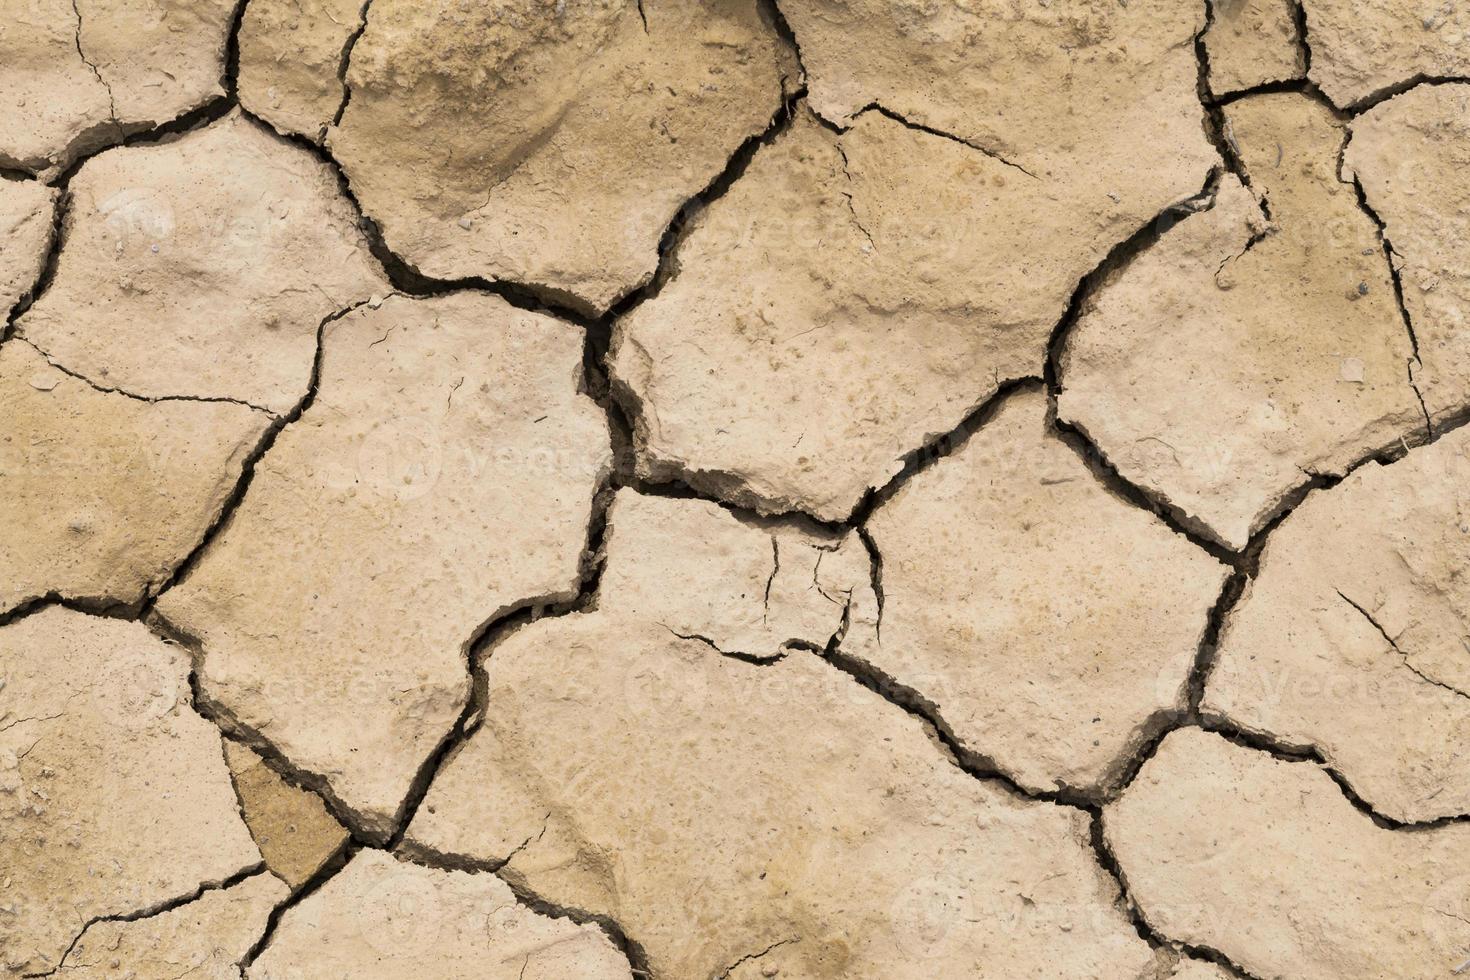 texture de terre craquelée sèche photo